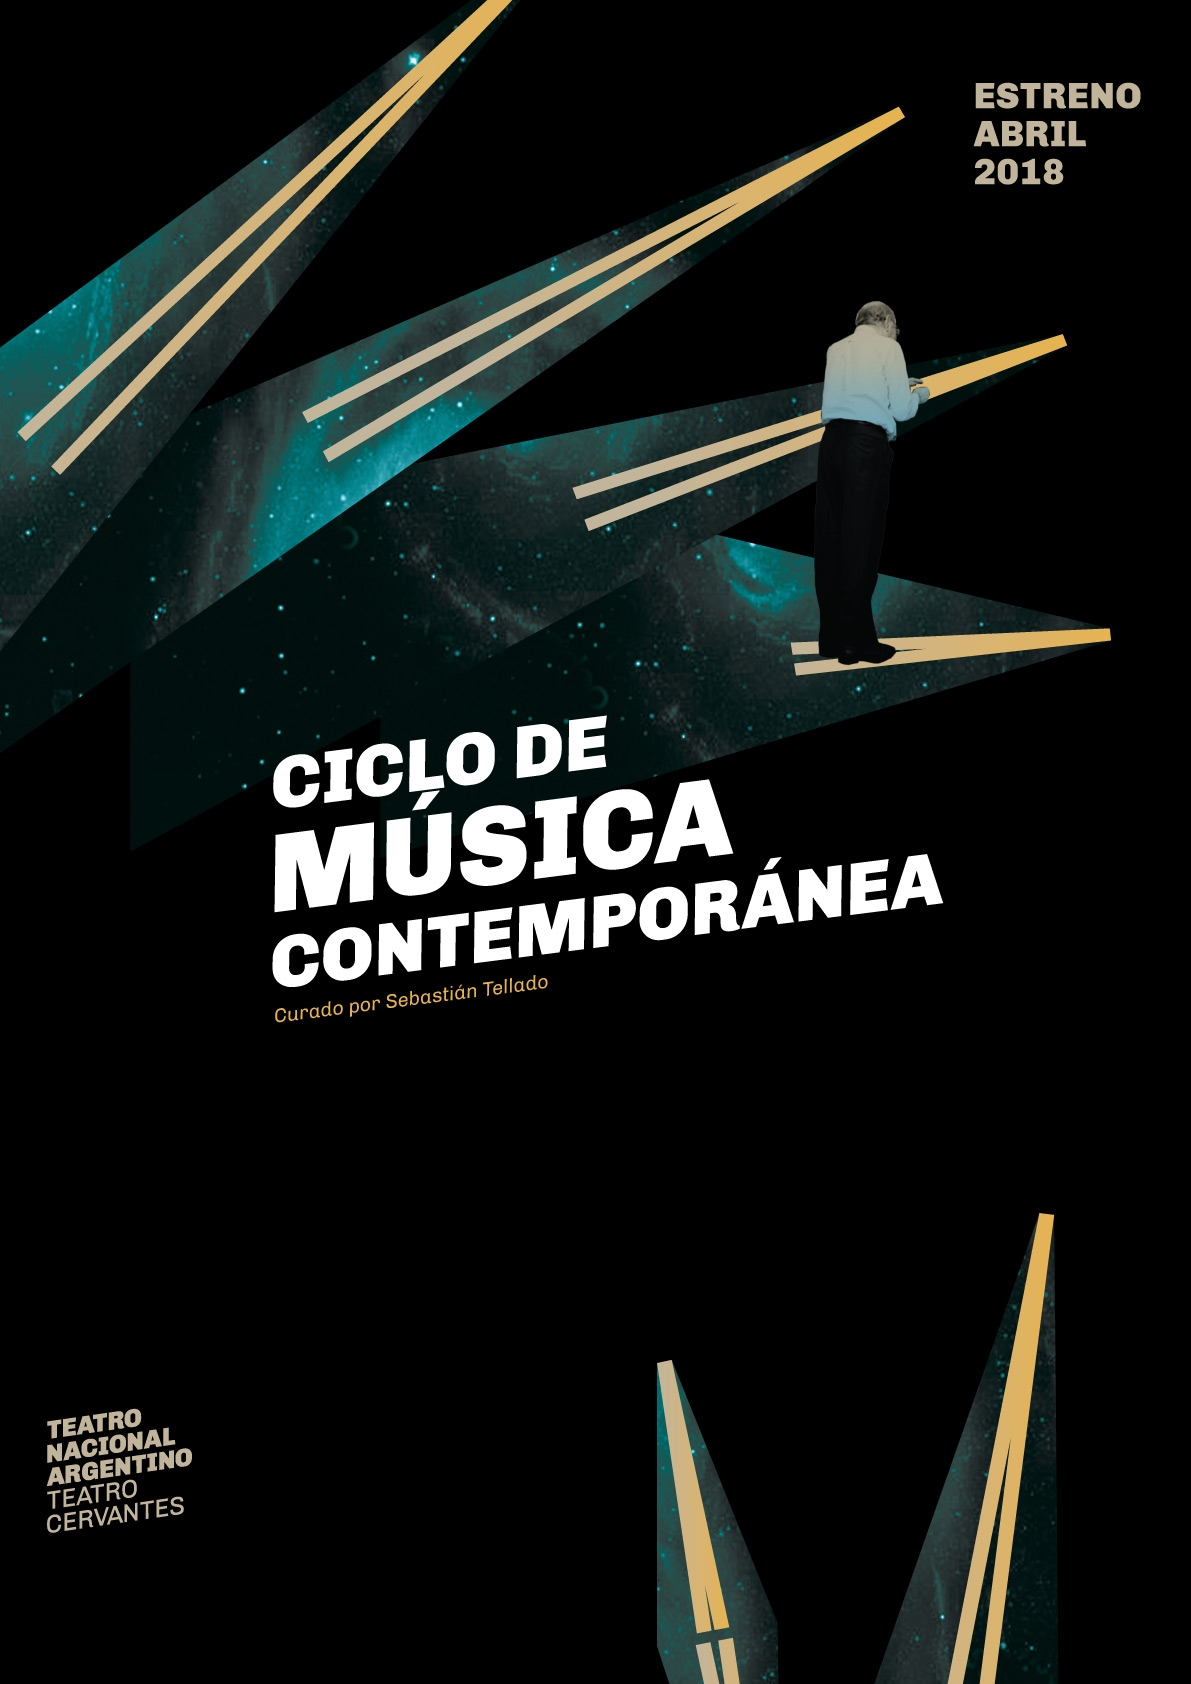 Diseño de afiches para el Teatro Nacional Argentino - Teatro Cervantes